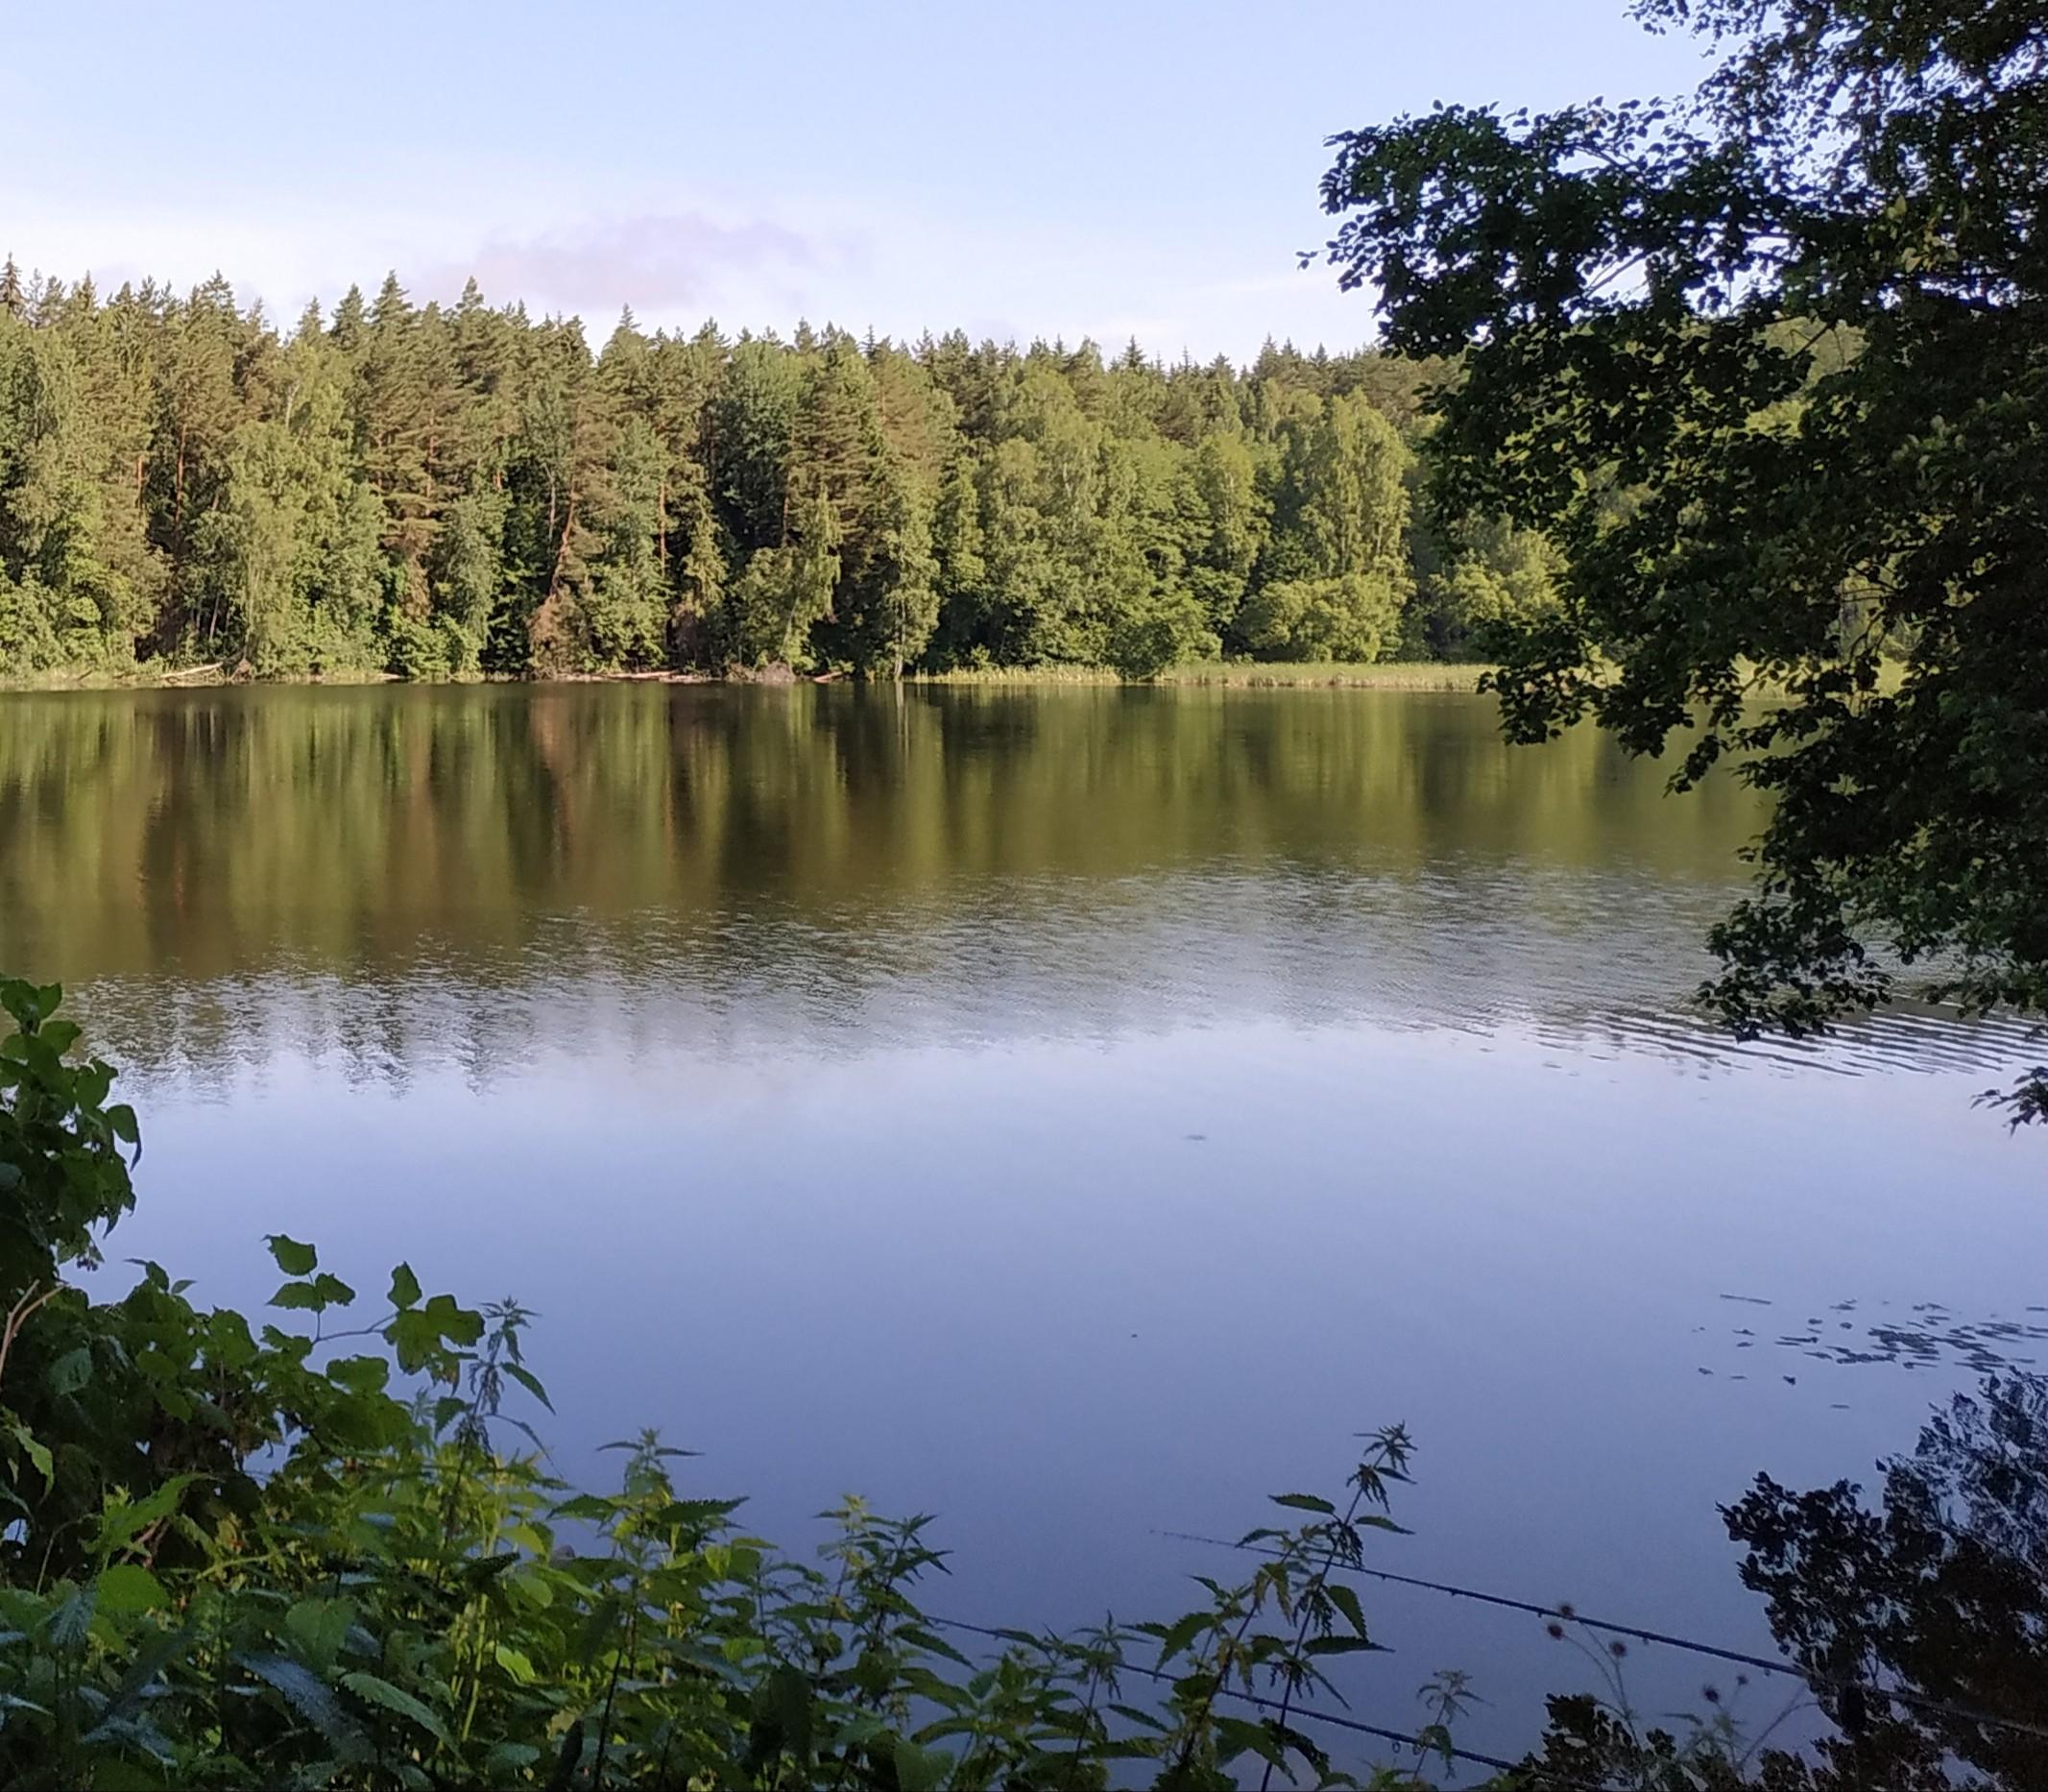 Ну что, летняя Вяча - всплески воды и ... | Отчеты о рыбалке в Беларуси